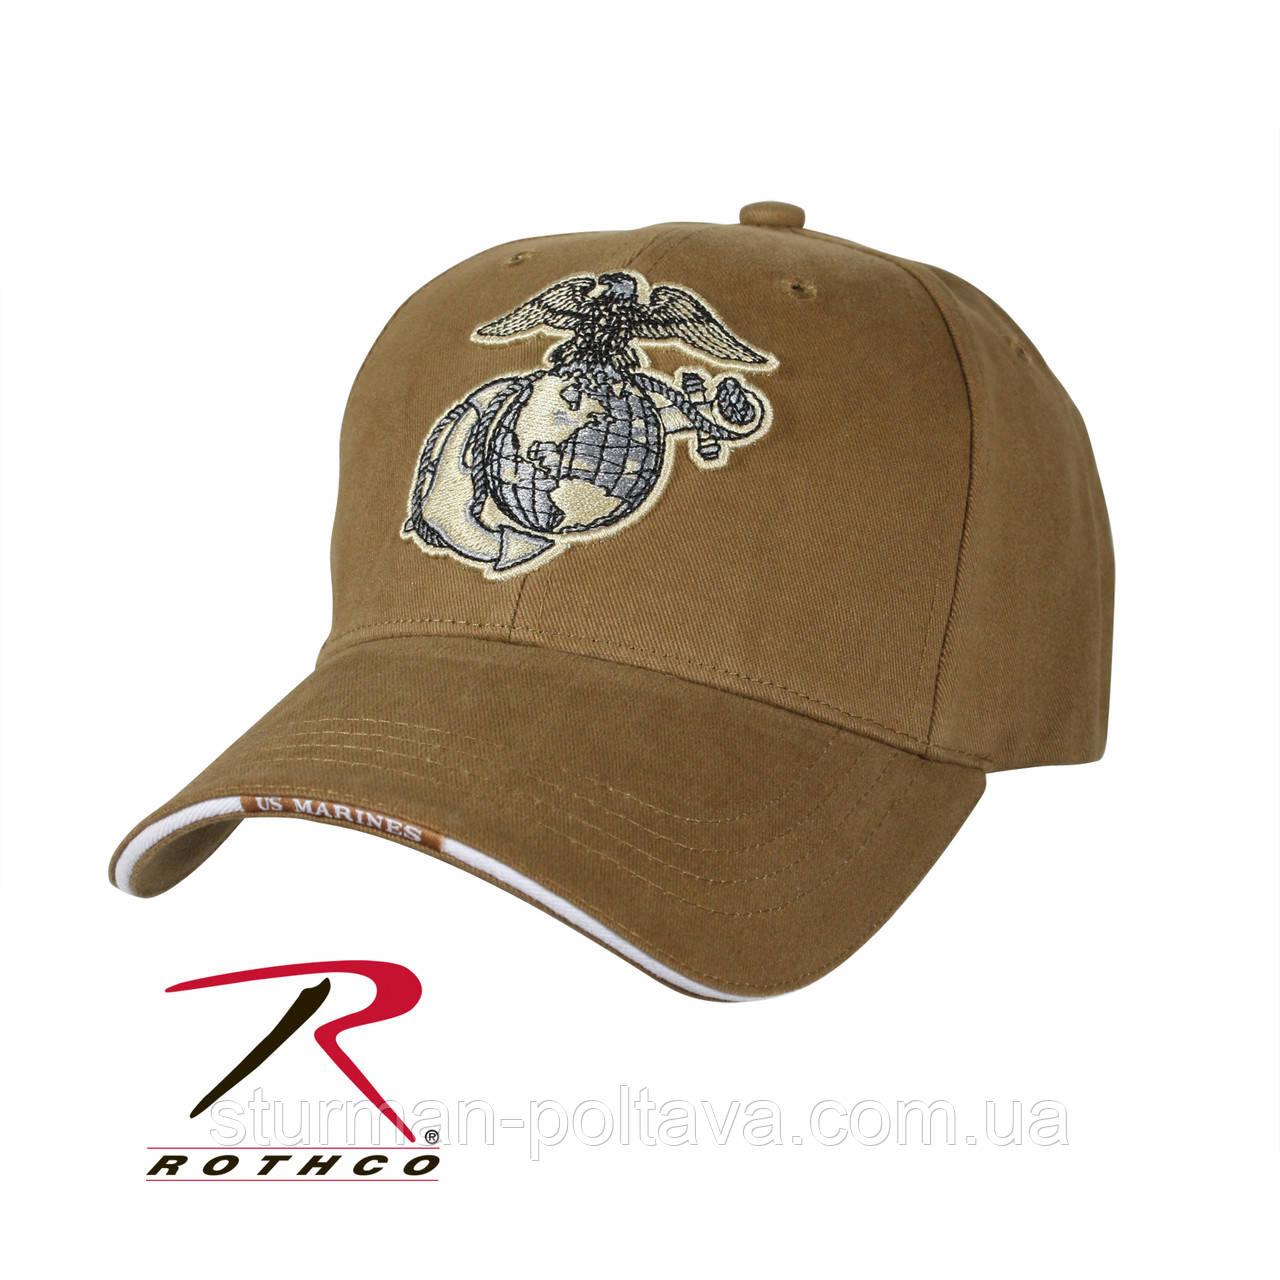 Бейсболка Rotcho морских сил коричневая CAP / GLOBE & ANCHOR - COYOTE